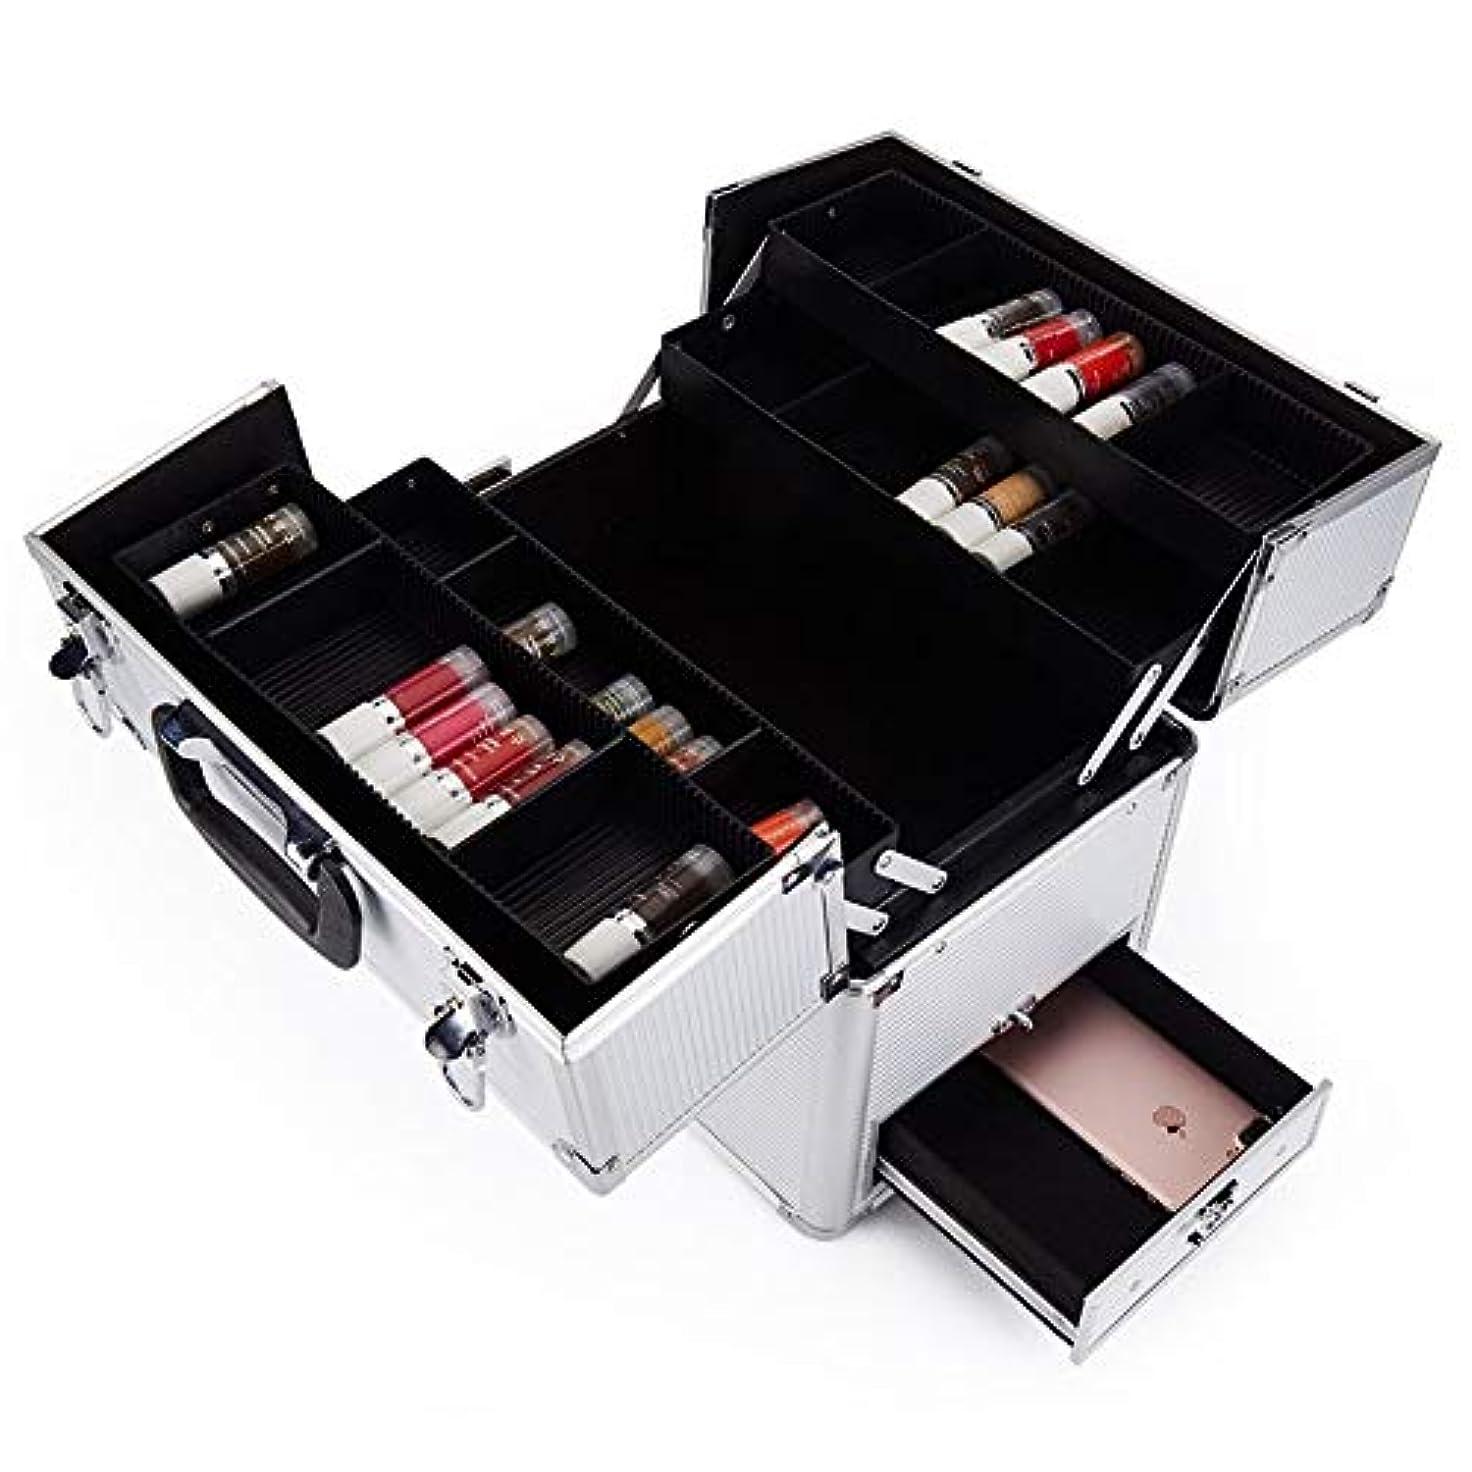 歯科の社交的クラック化粧オーガナイザーバッグ 多機能旅行メイクアップバッグパターンメイクアップアーティストケーストレインボックス化粧品オーガナイザー収納ボックス 化粧品ケース